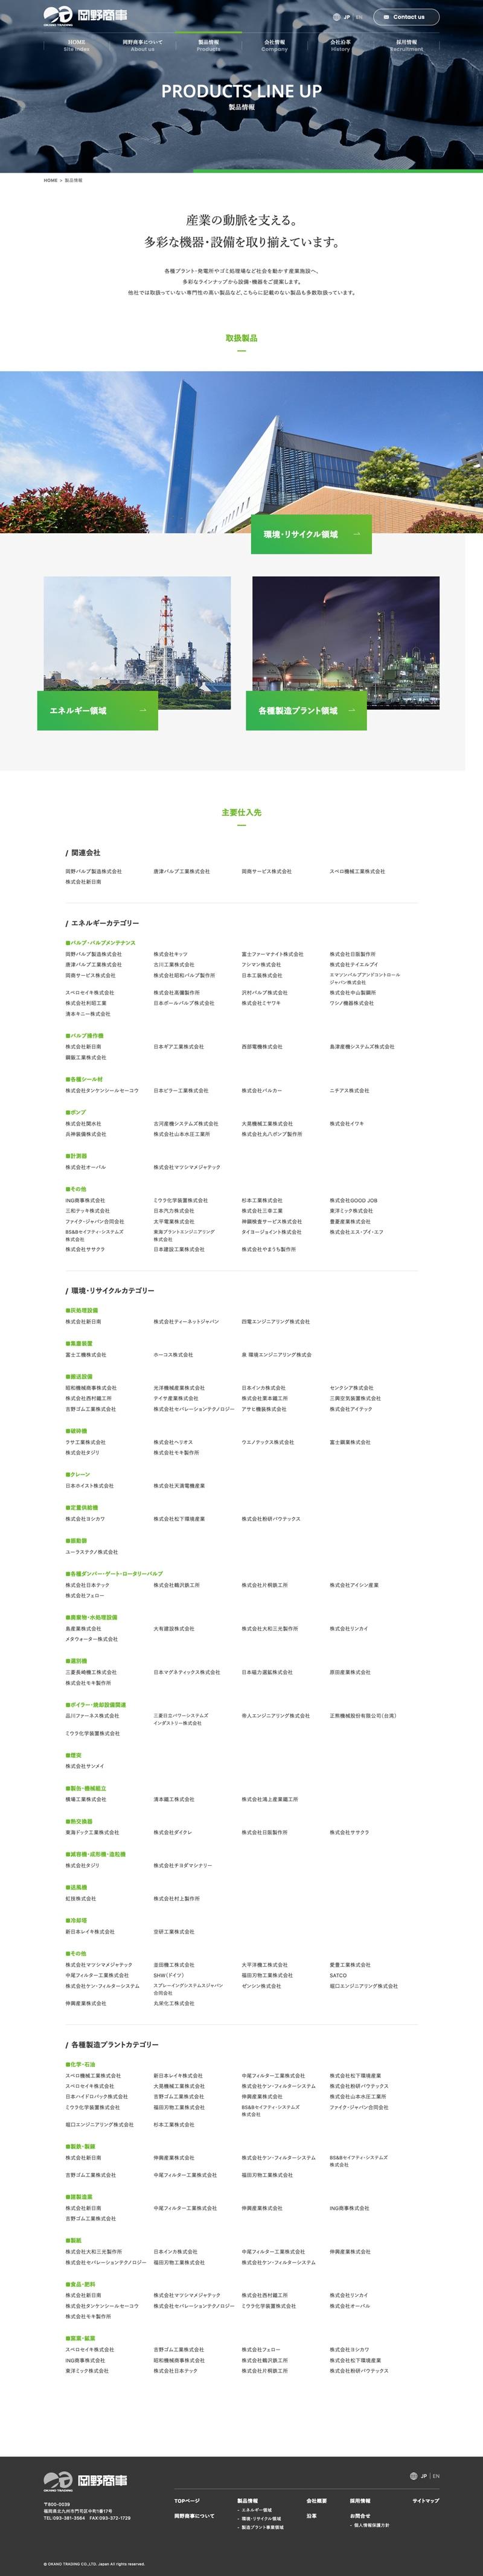 同サイト|「製品情報」TOP